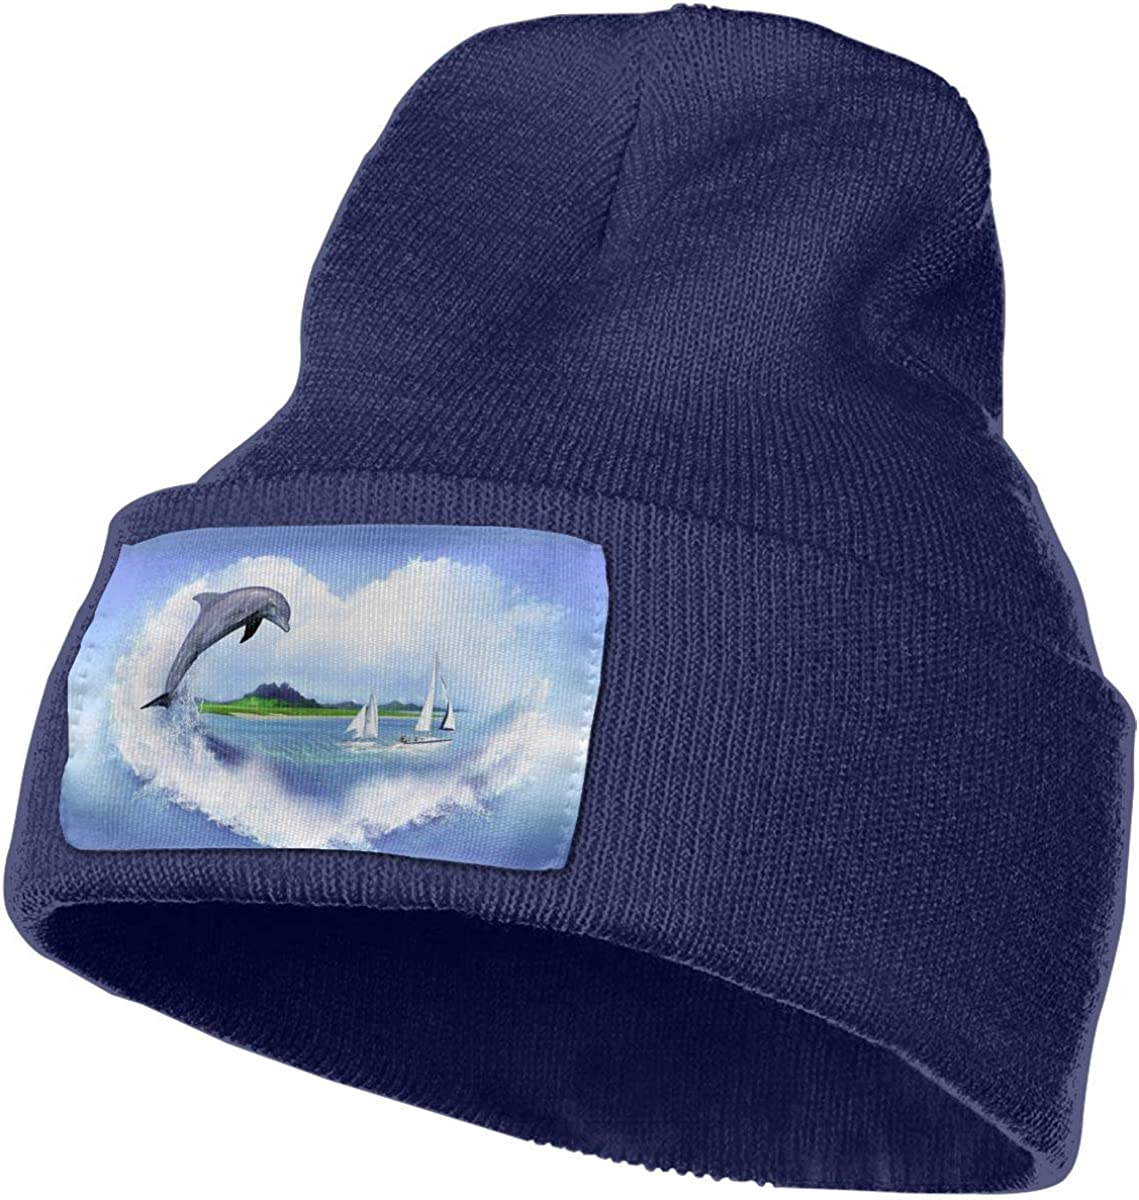 Ocean Sea Dolphin Beanie Hat Cuffed Plain Skull Knitted Hat Fashion